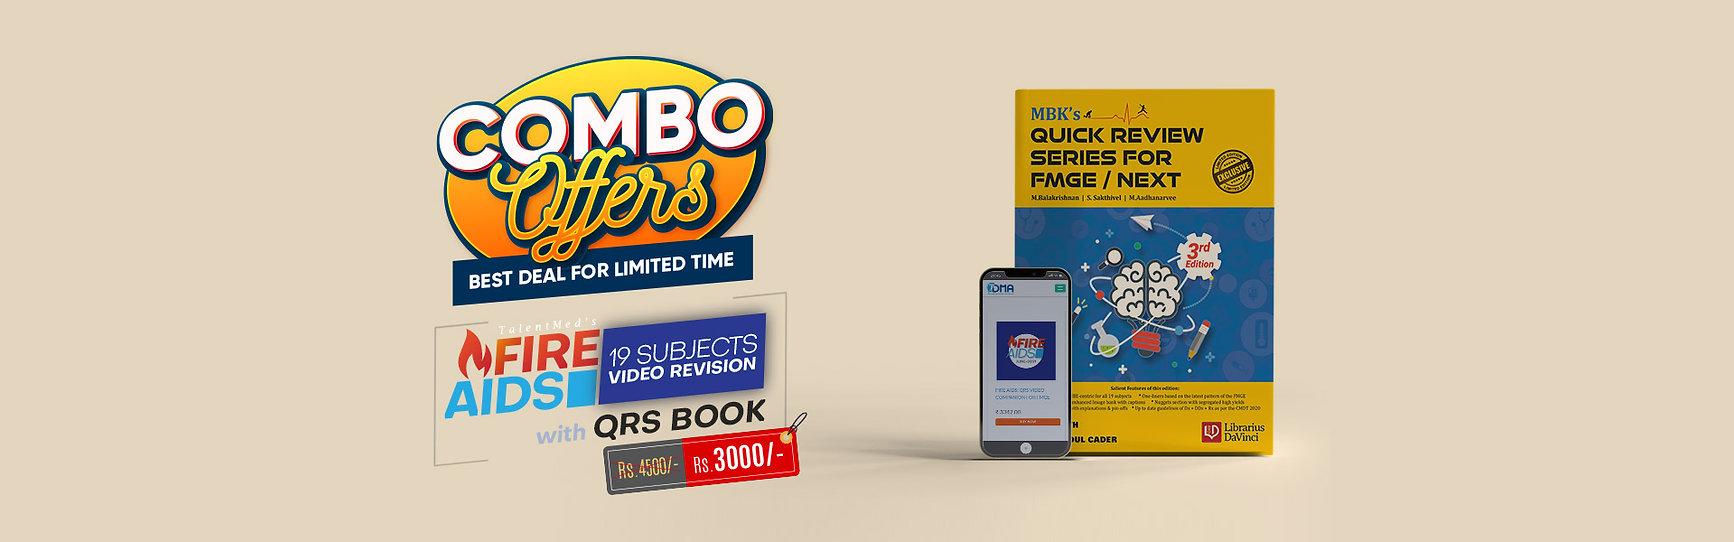 web-banner-for-combo-offer.jpg